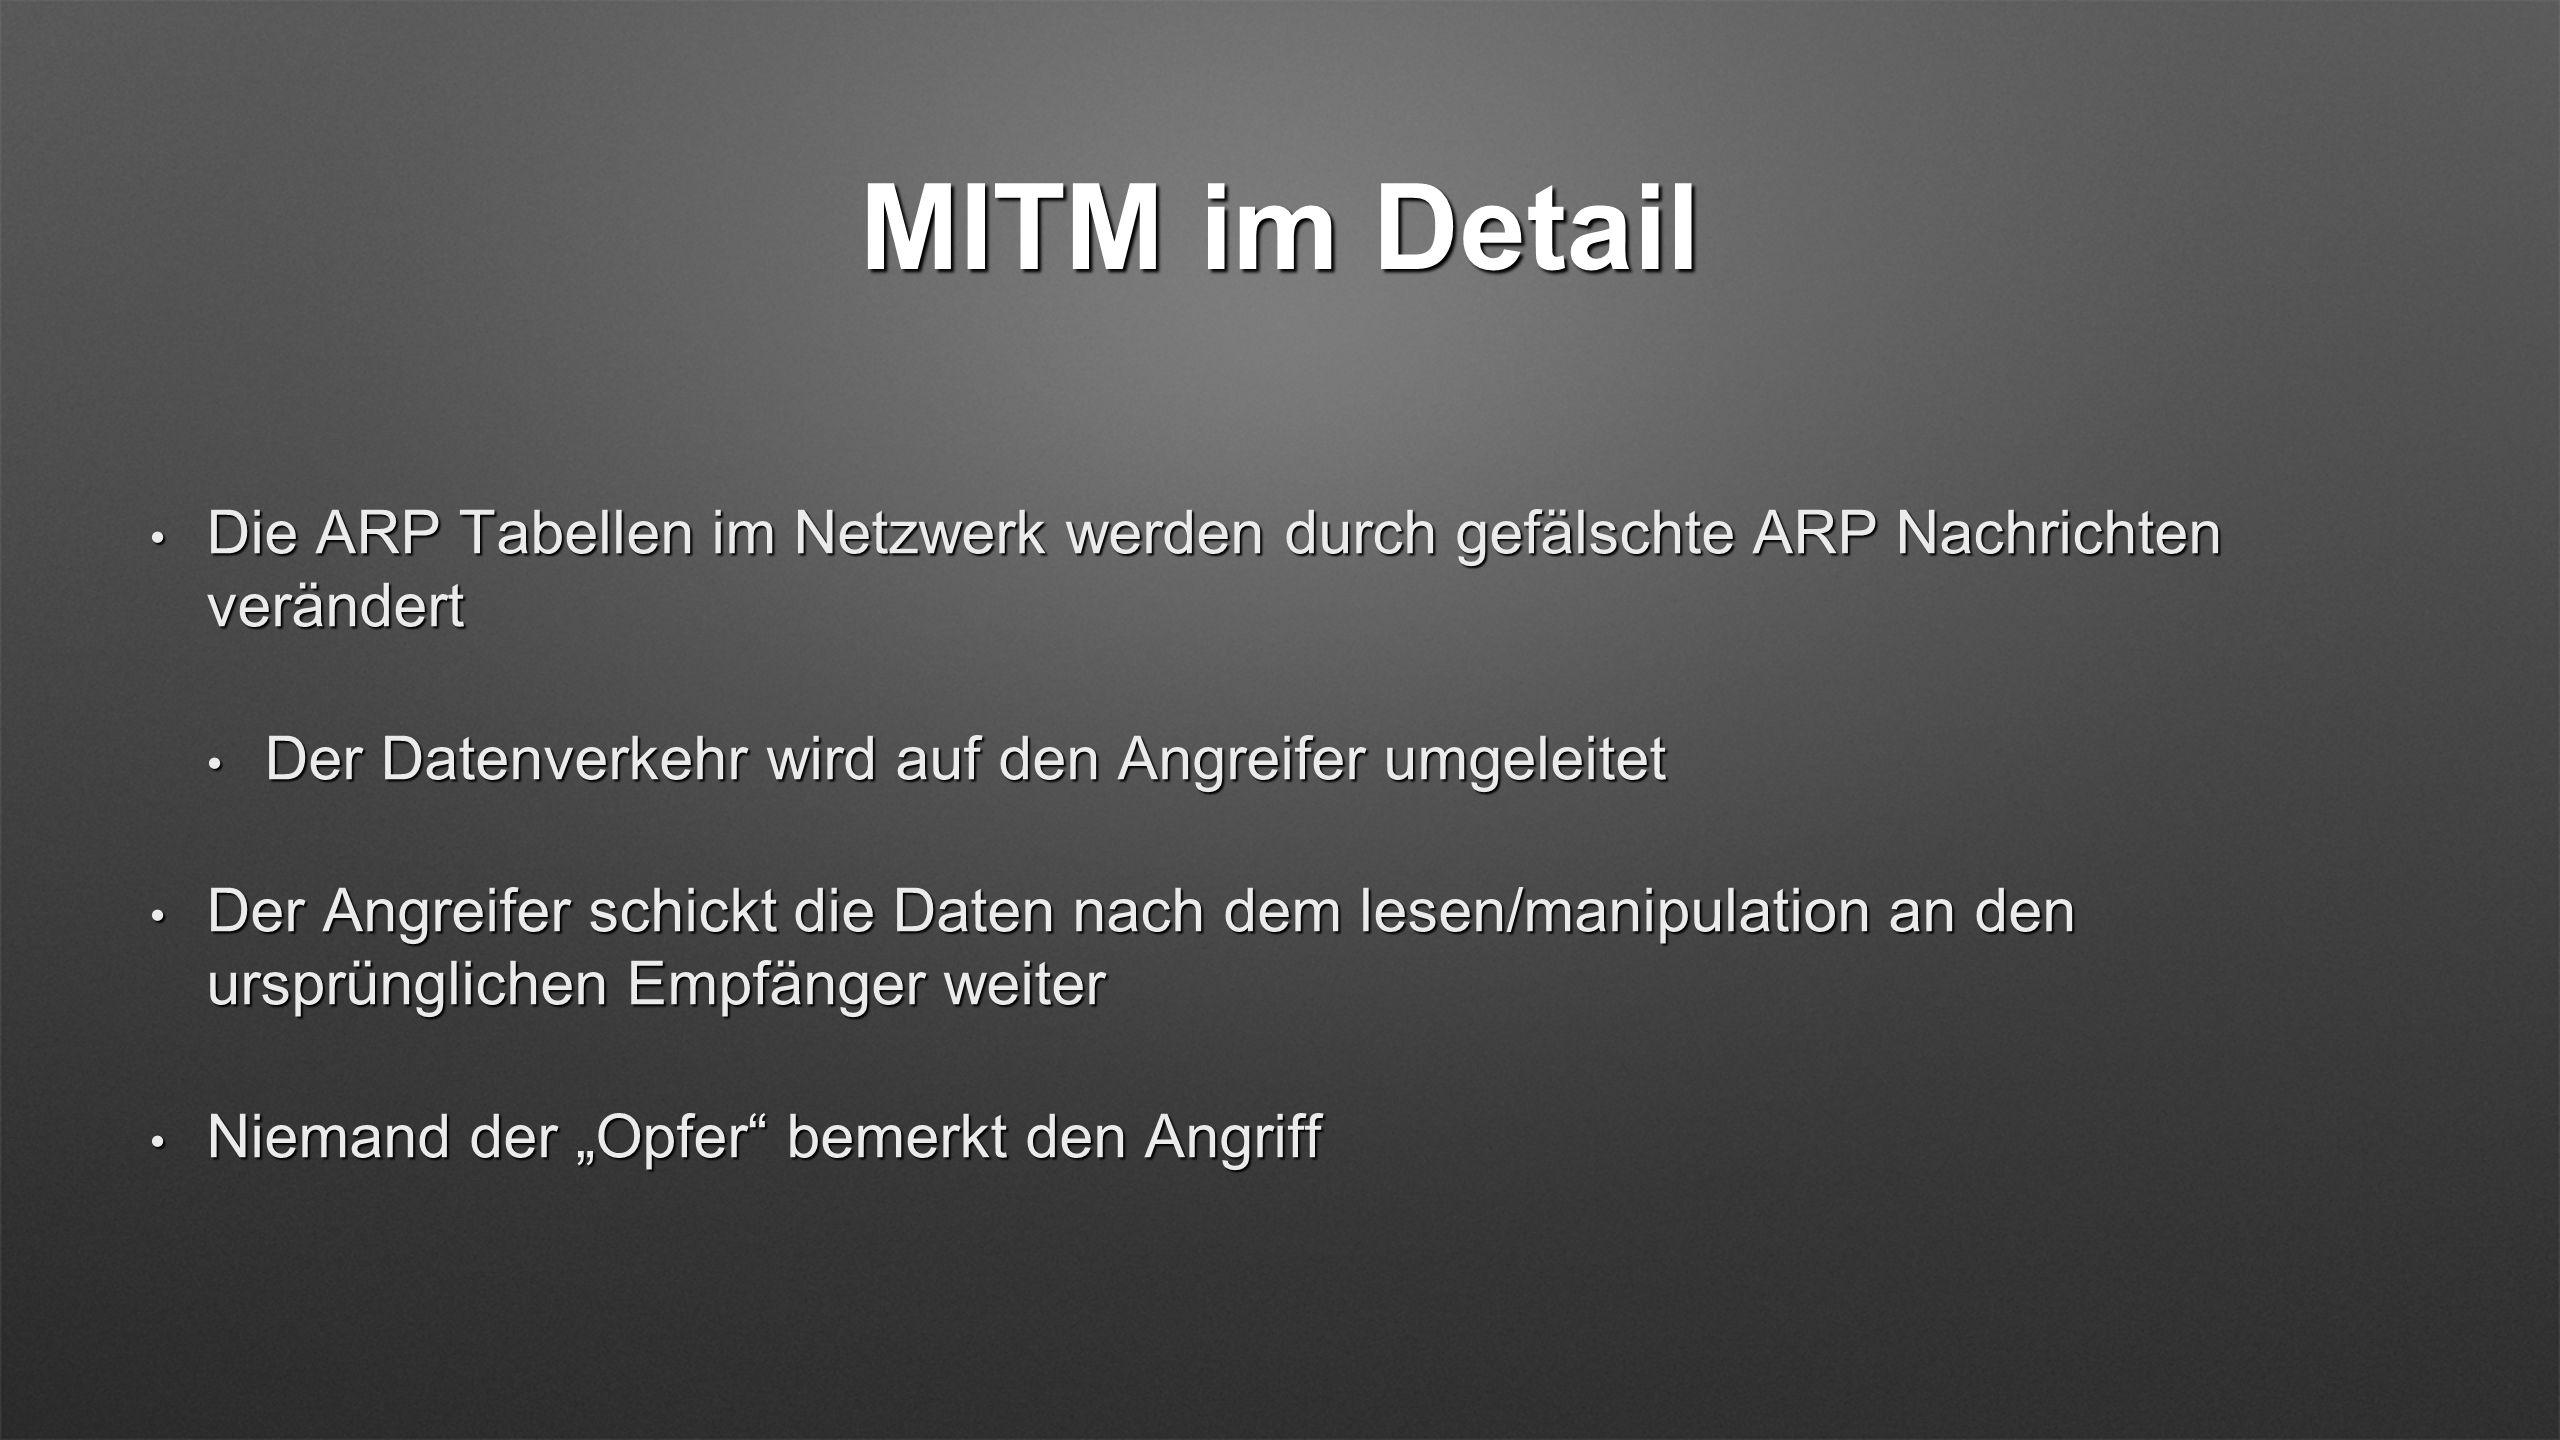 MITM im Detail Die ARP Tabellen im Netzwerk werden durch gefälschte ARP Nachrichten verändert Die ARP Tabellen im Netzwerk werden durch gefälschte ARP